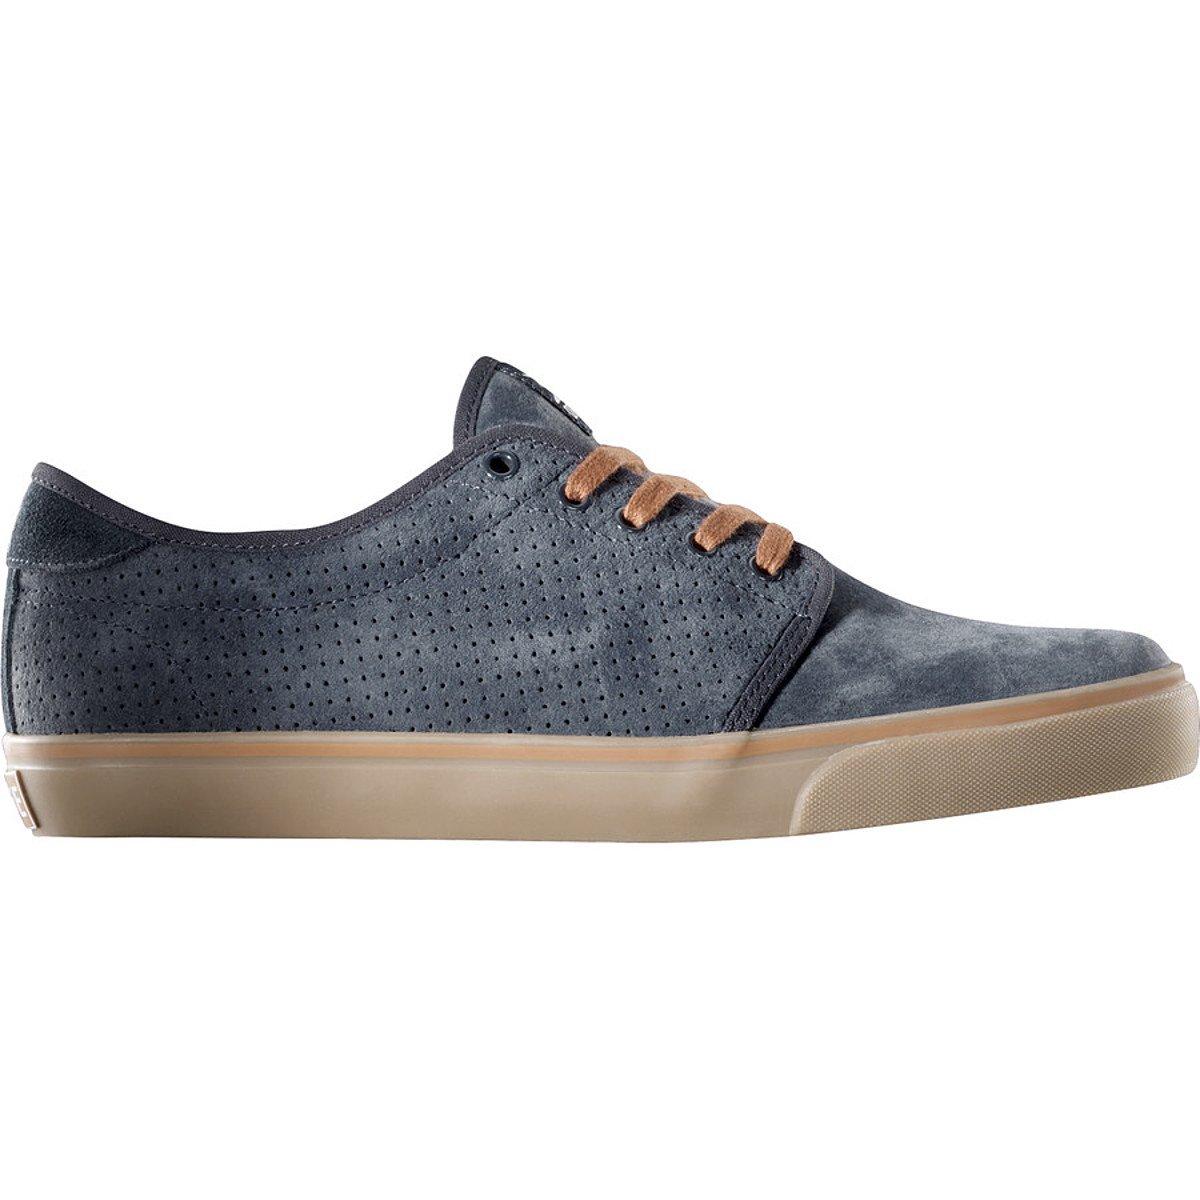 Dekline Men's Santa FE Skate Shoe 11 D(M) US|Navy/Gum